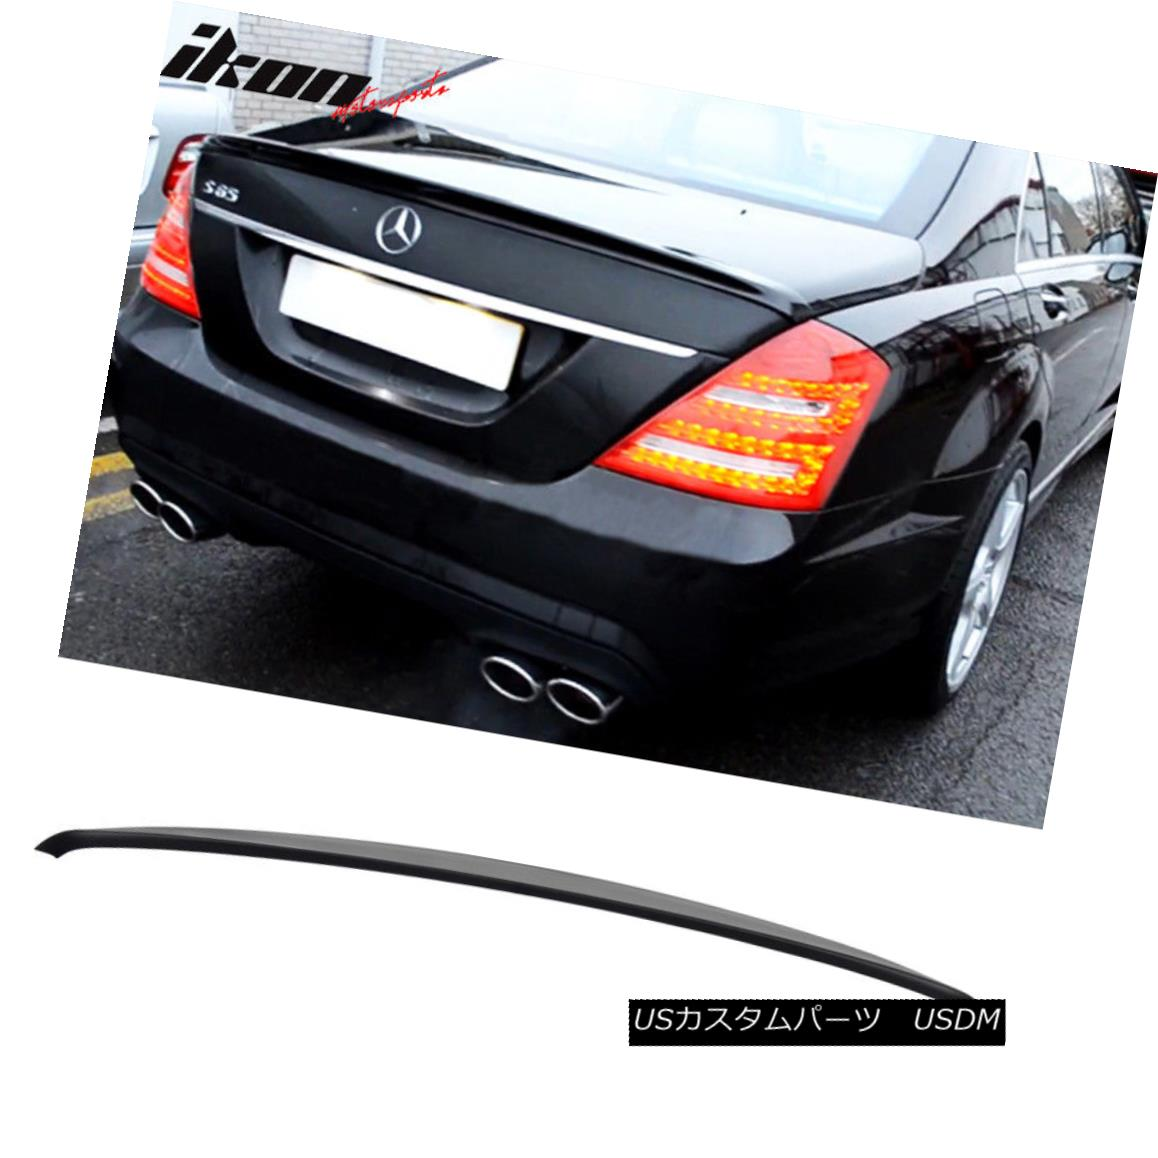 エアロパーツ Fits 07-13 Benz S-Class W221 Sedan AMG Style Unpainted Trunk Spoiler - ABS フィット07-13ベンツSクラスW221セダンAMGスタイル未塗装トランクスポイラー - ABS